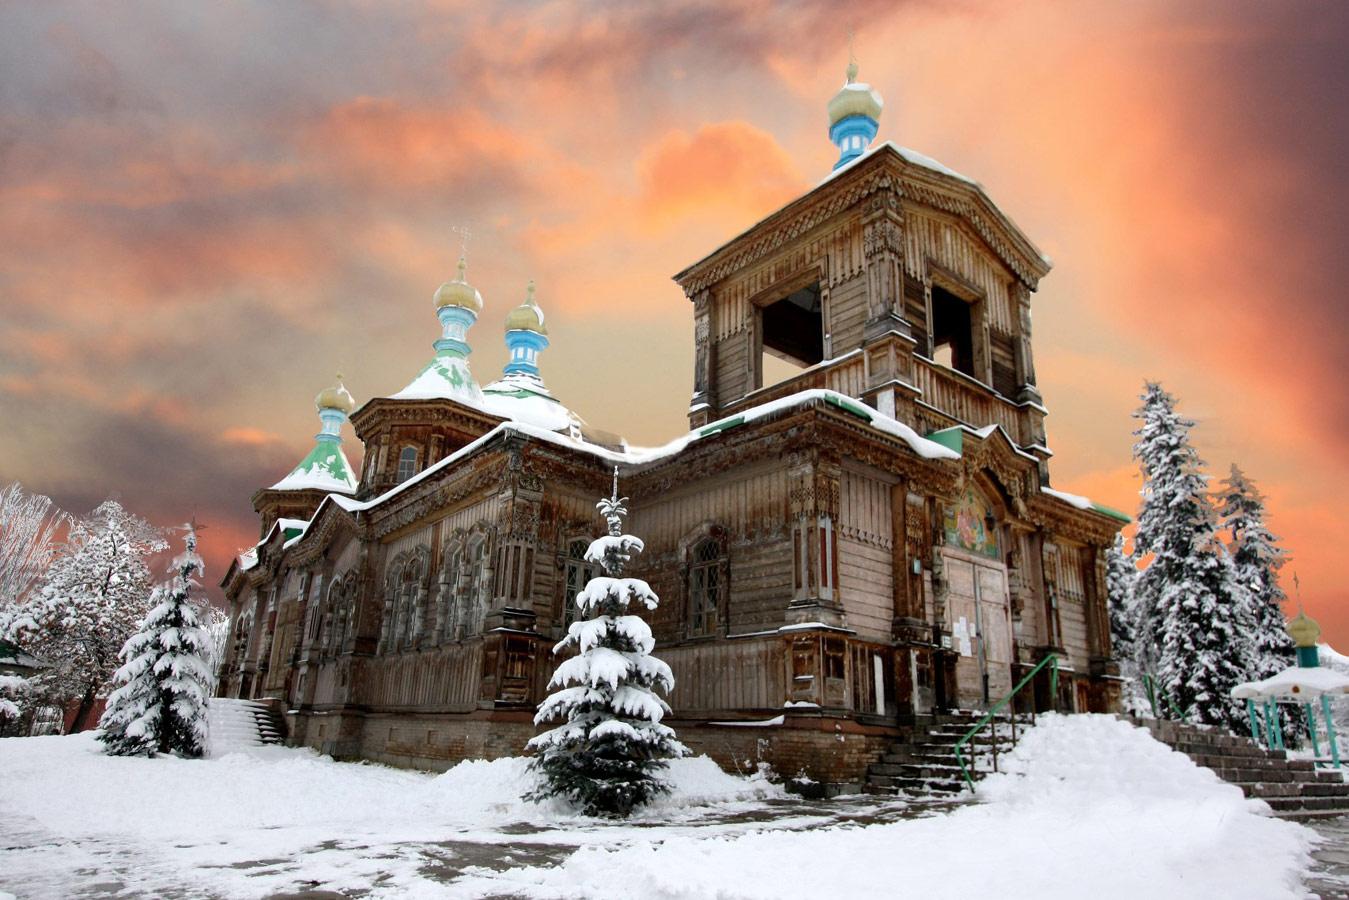 Храм Пресвятой Троицы зимой, Roman Arnold , Фотоконкурс «Святыня, которая рядом»